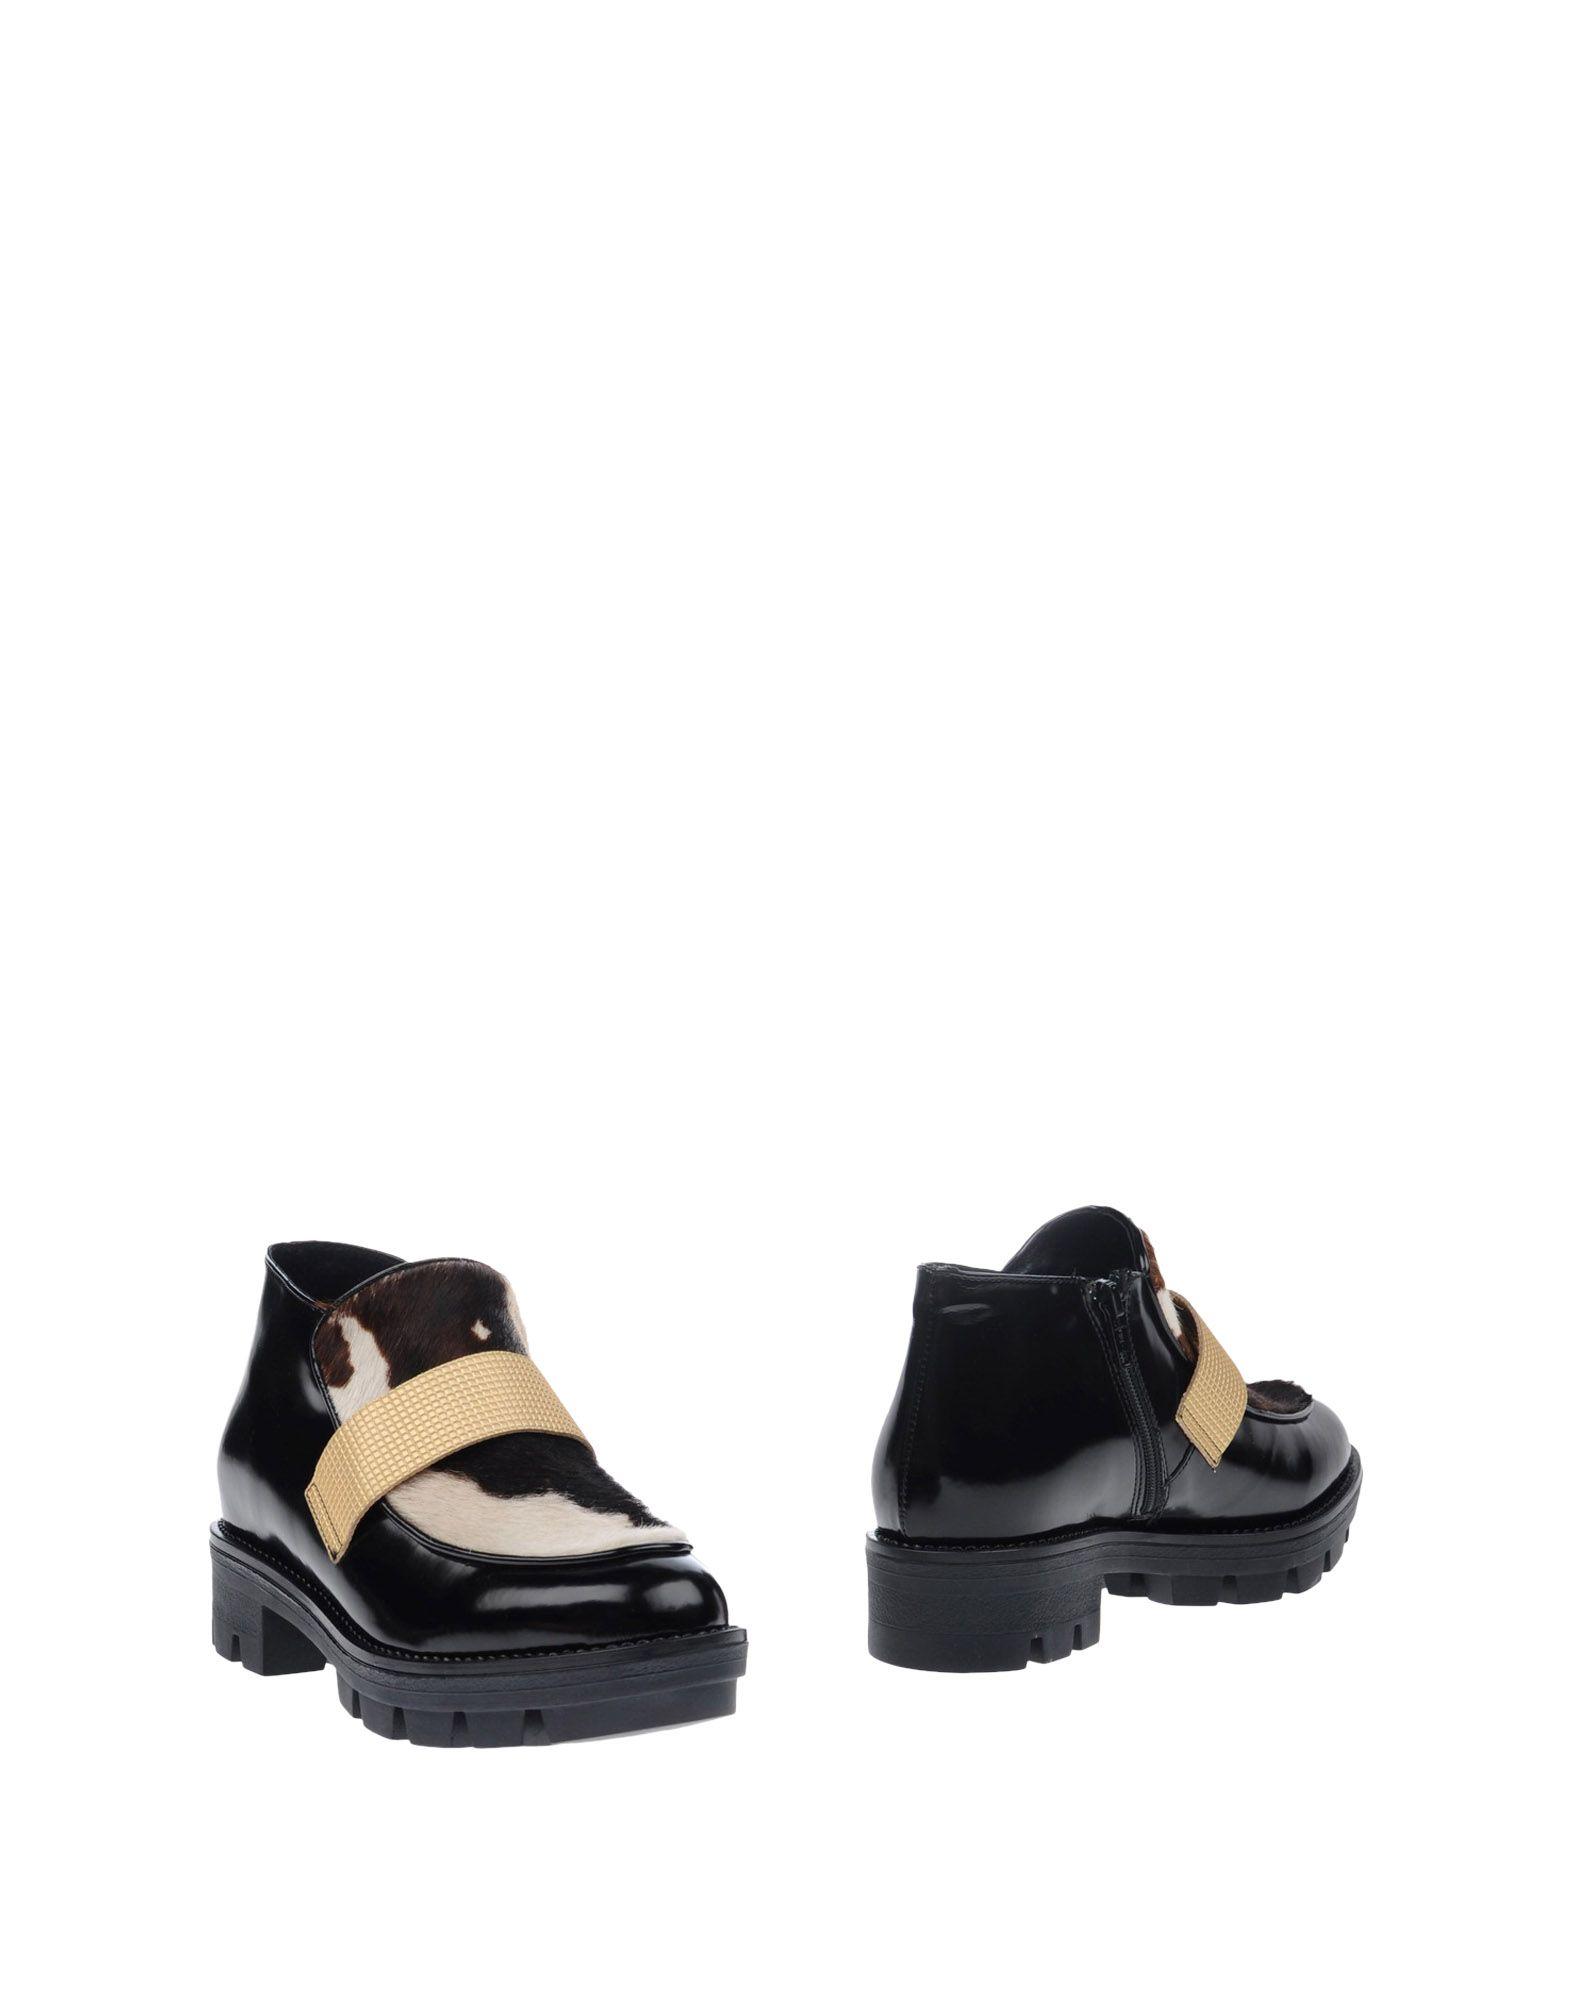 Tipe E Gute Tacchi Stiefelette Damen 11276017MP Gute E Qualität beliebte Schuhe ba2a2b